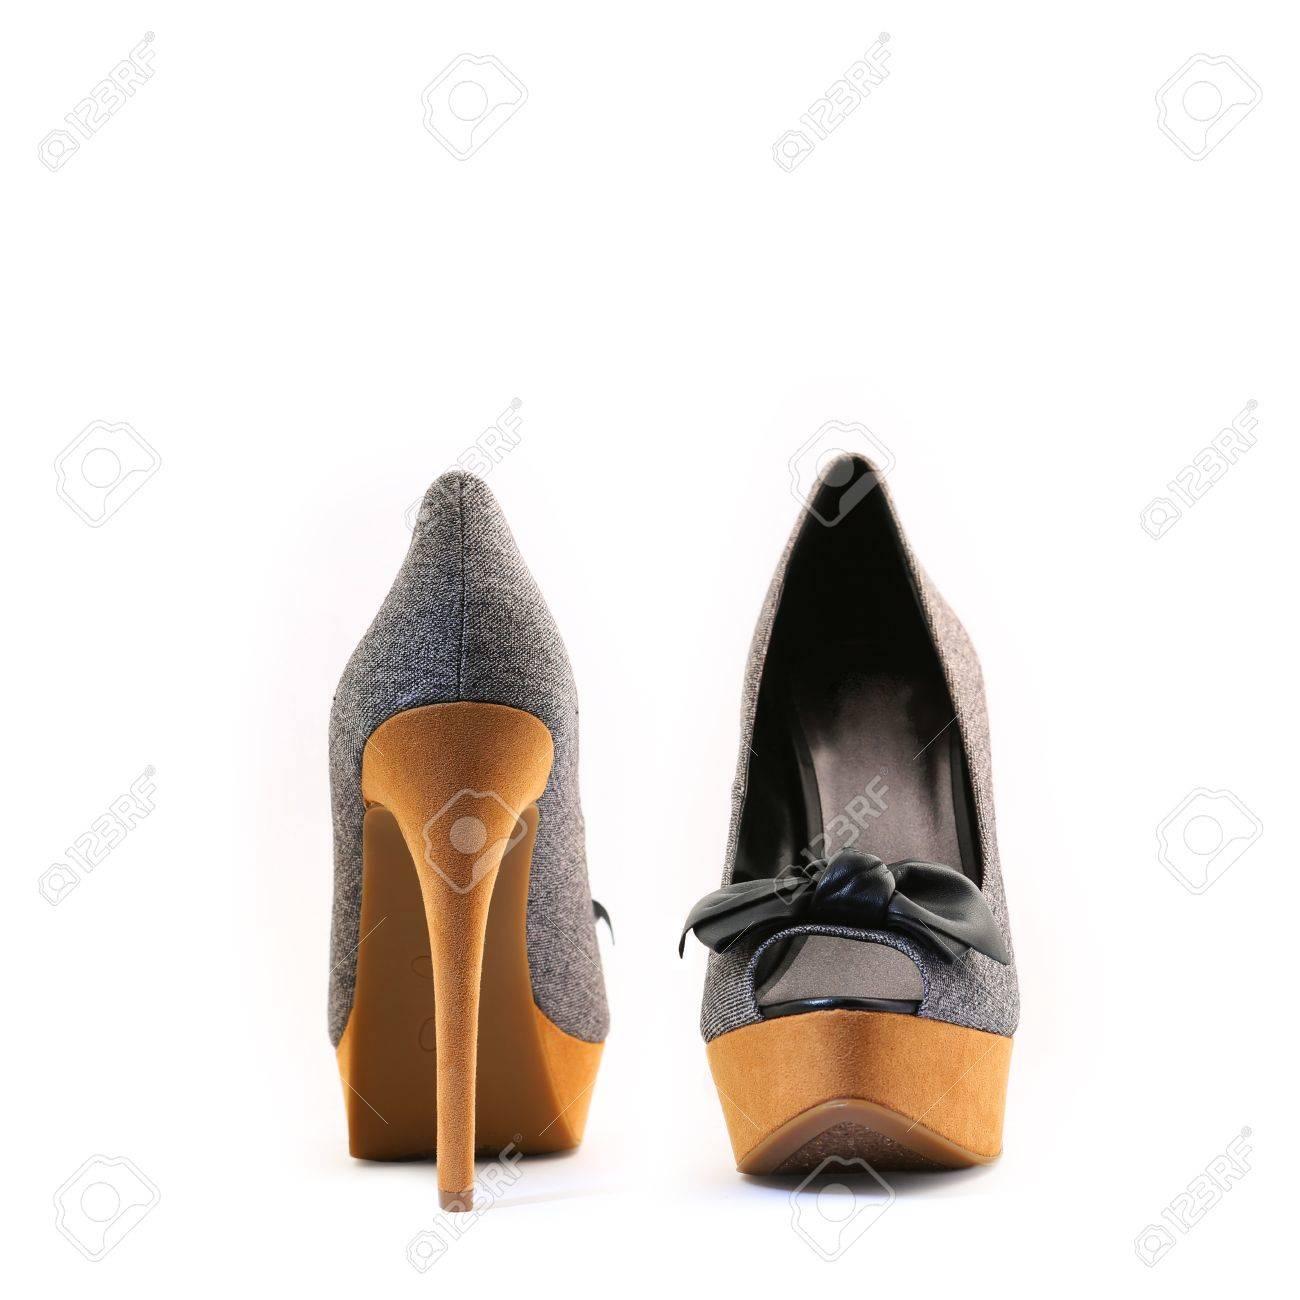 sitio de buena reputación 5b30f 54b5c Aislada en un fondo blanco zapatos con tacones muy altos